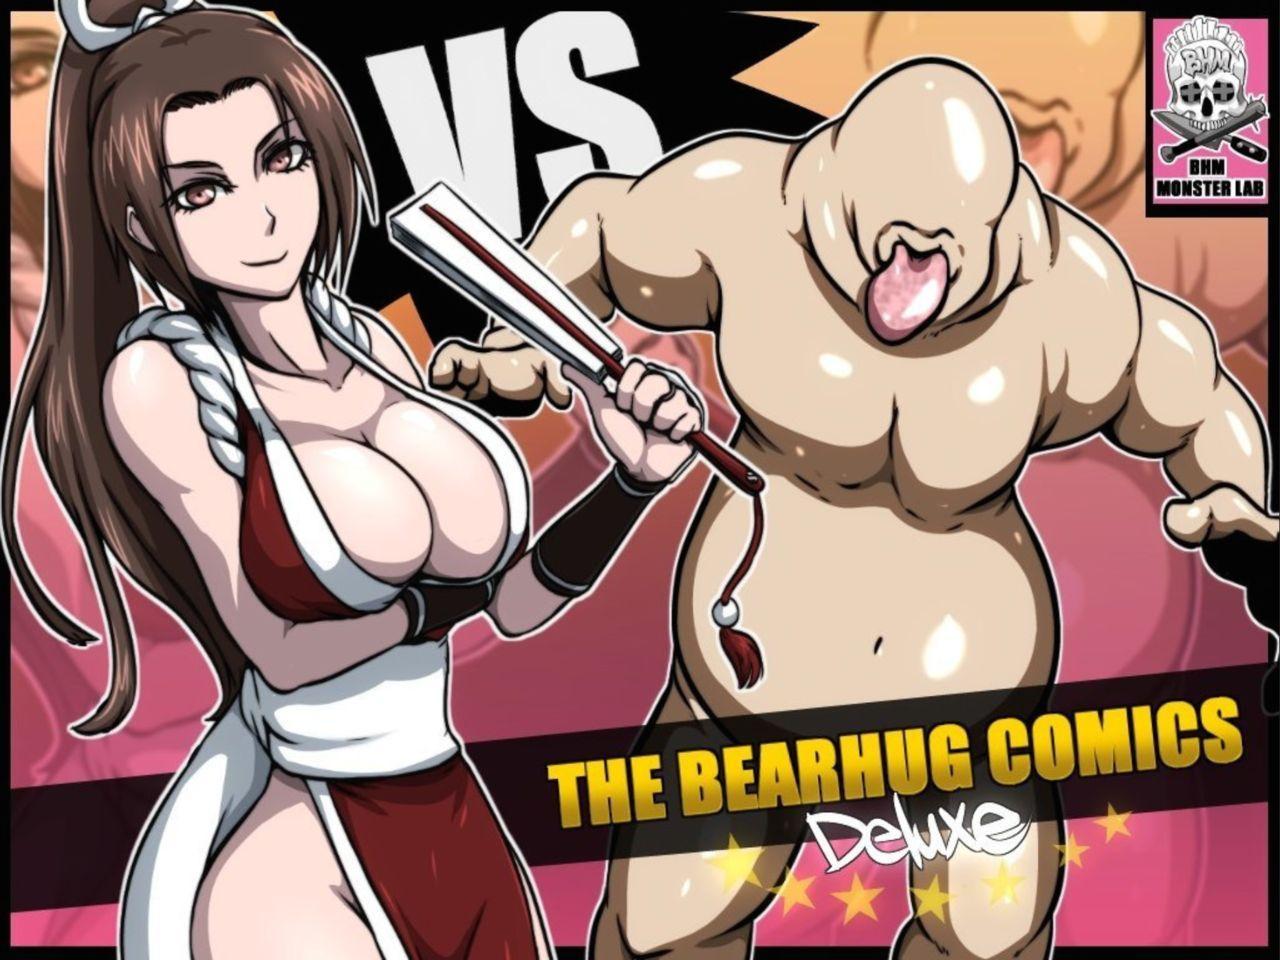 THE BEARHUG COMICS DELUXE 1